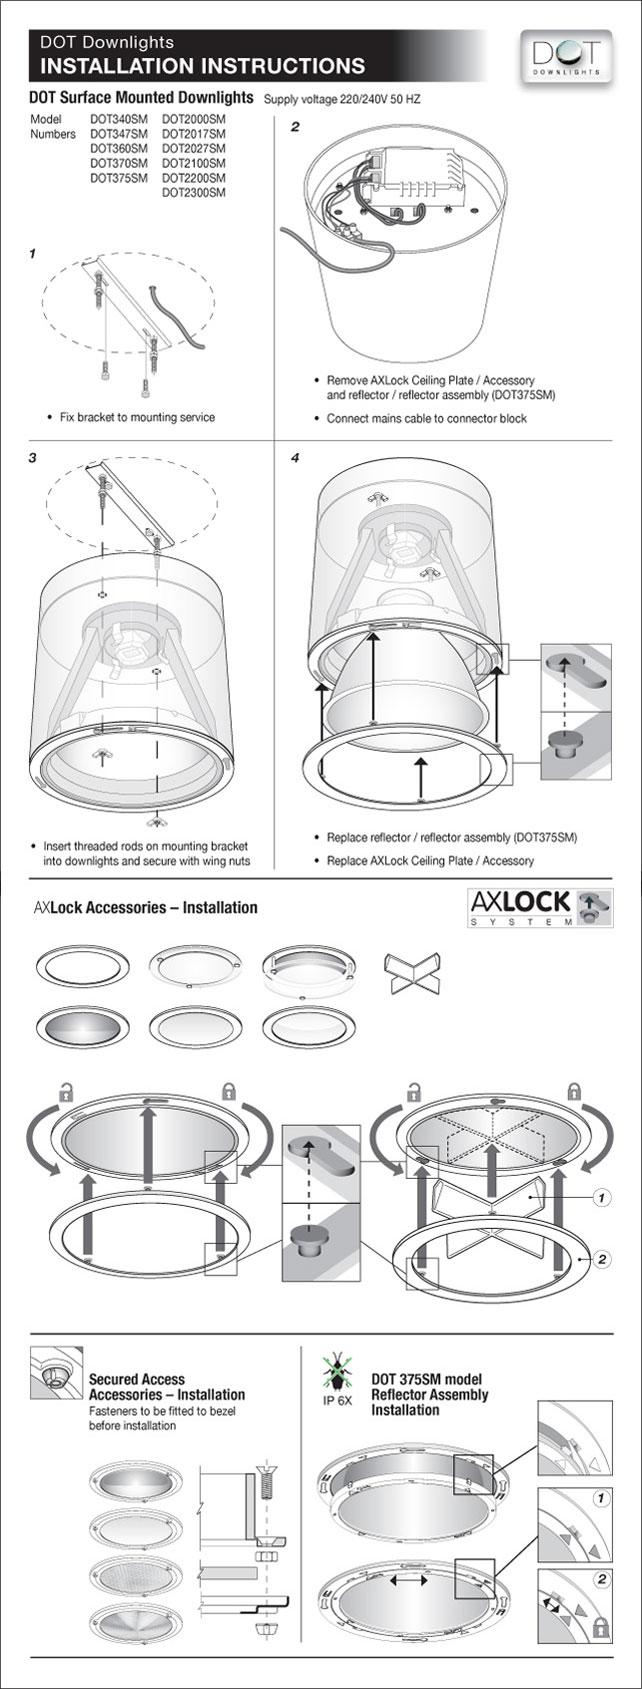 dot downlights rh dotdownlights com downlight installation instructions downlight fitting instructions